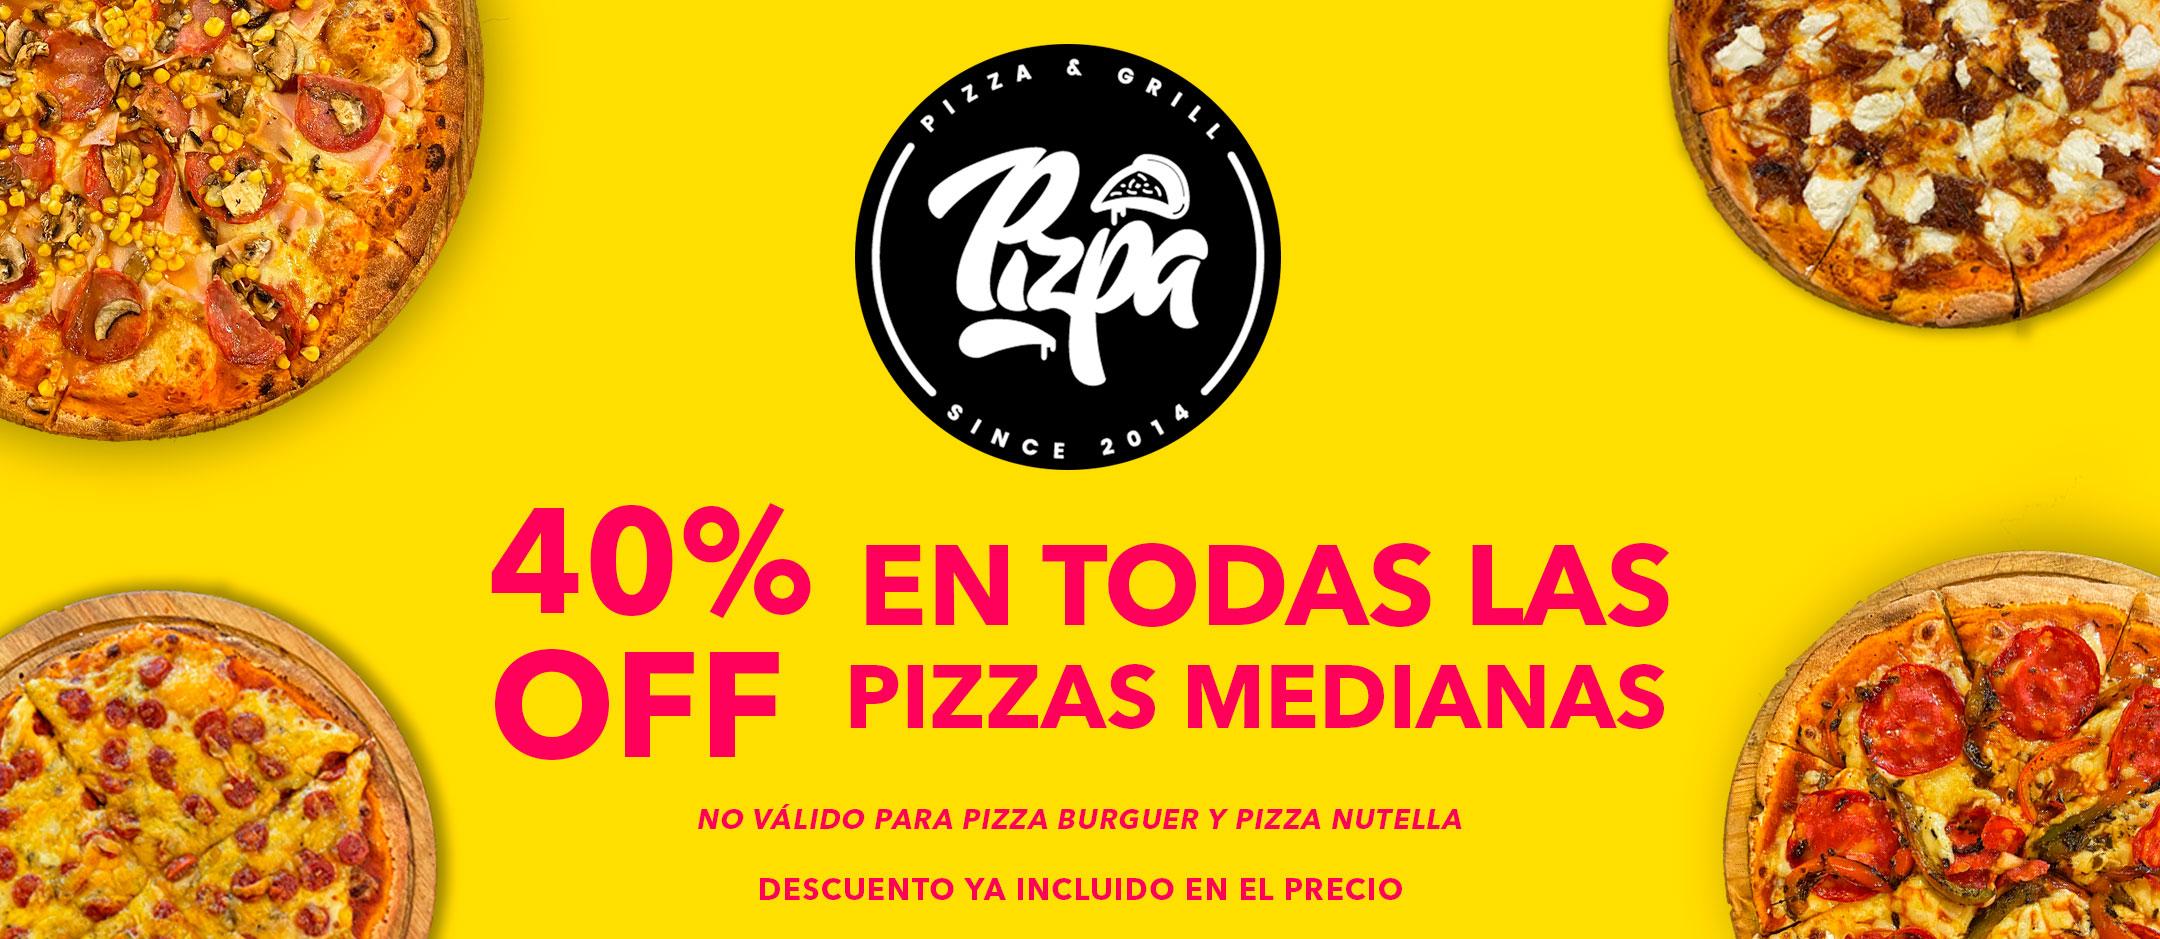 Promo Pizpa